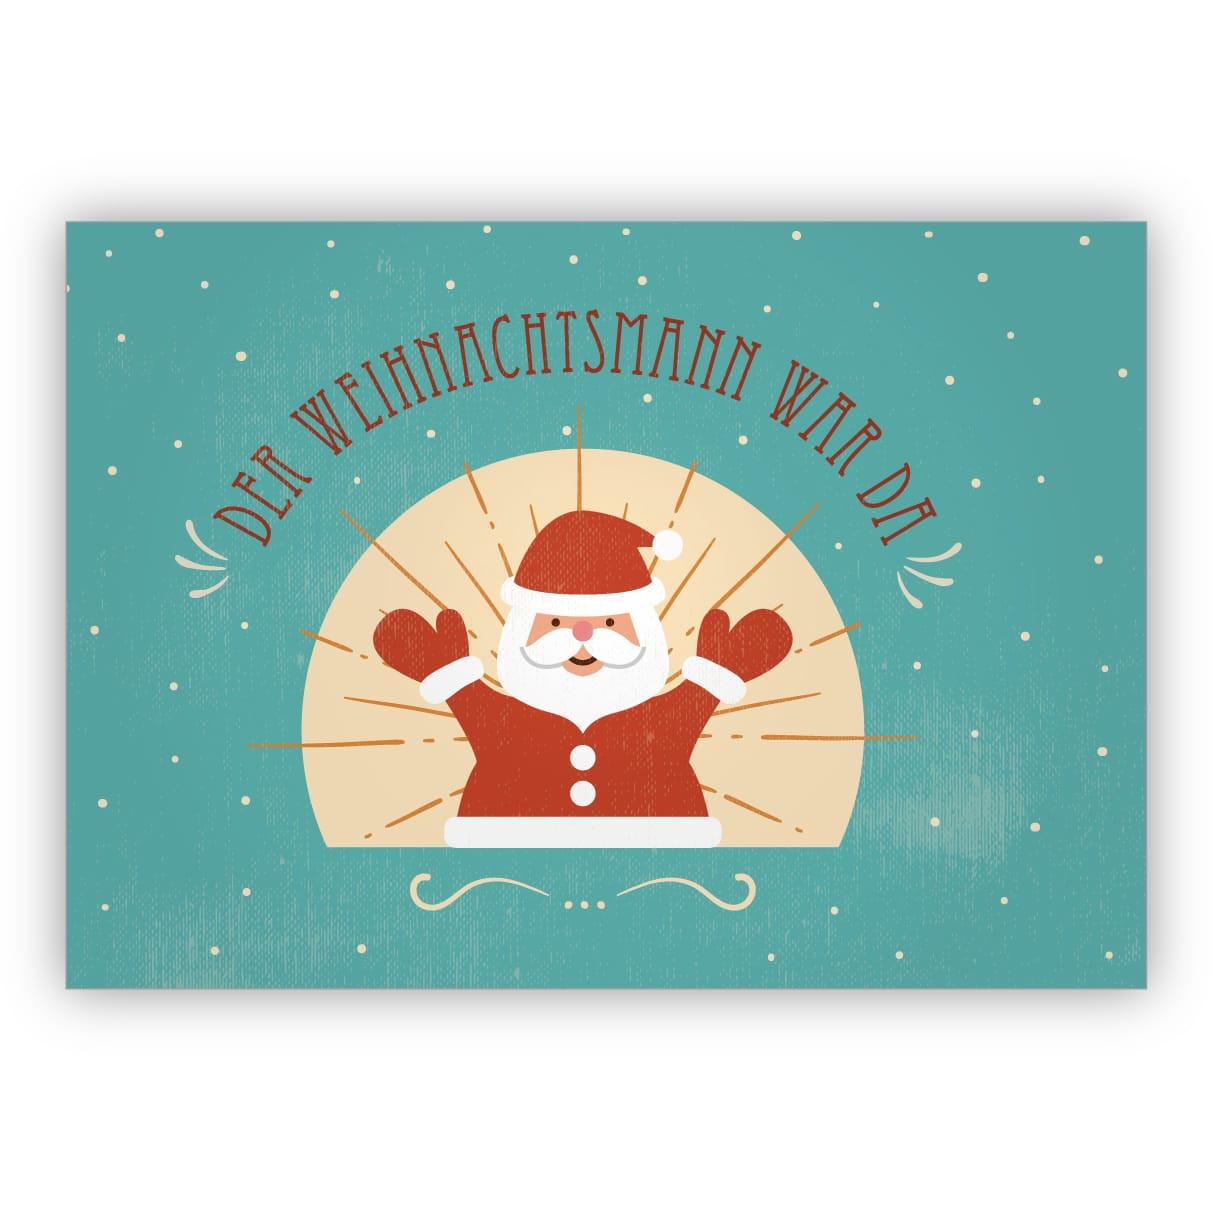 Retro Geschenke  Lustige Retro Vintage Geschenke Weihnachtskarte mit Santa